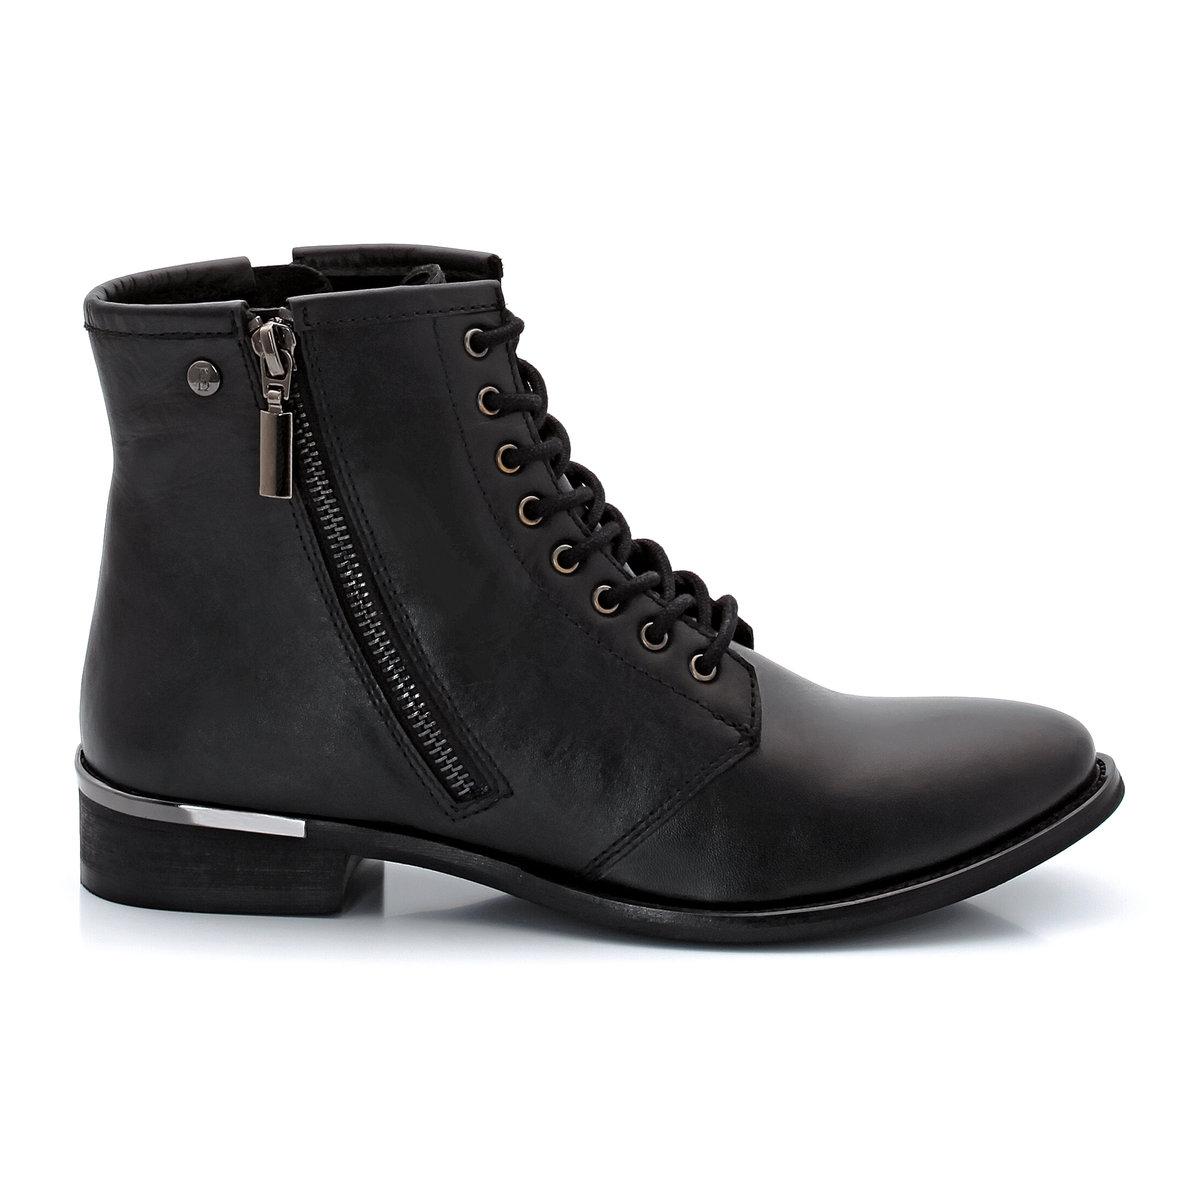 Ботинки кожаныеMuratВысота каблука: 3 см. Высота верха: 5,5 см. Неоспоримые плюсы: вы моментально влюбитесь в их уникальный и оригинальный стиль от ELLE. Модель смешанного стиля с застежкой на молнию и металлическими вставками на пятке<br><br>Цвет: черный<br>Размер: 38